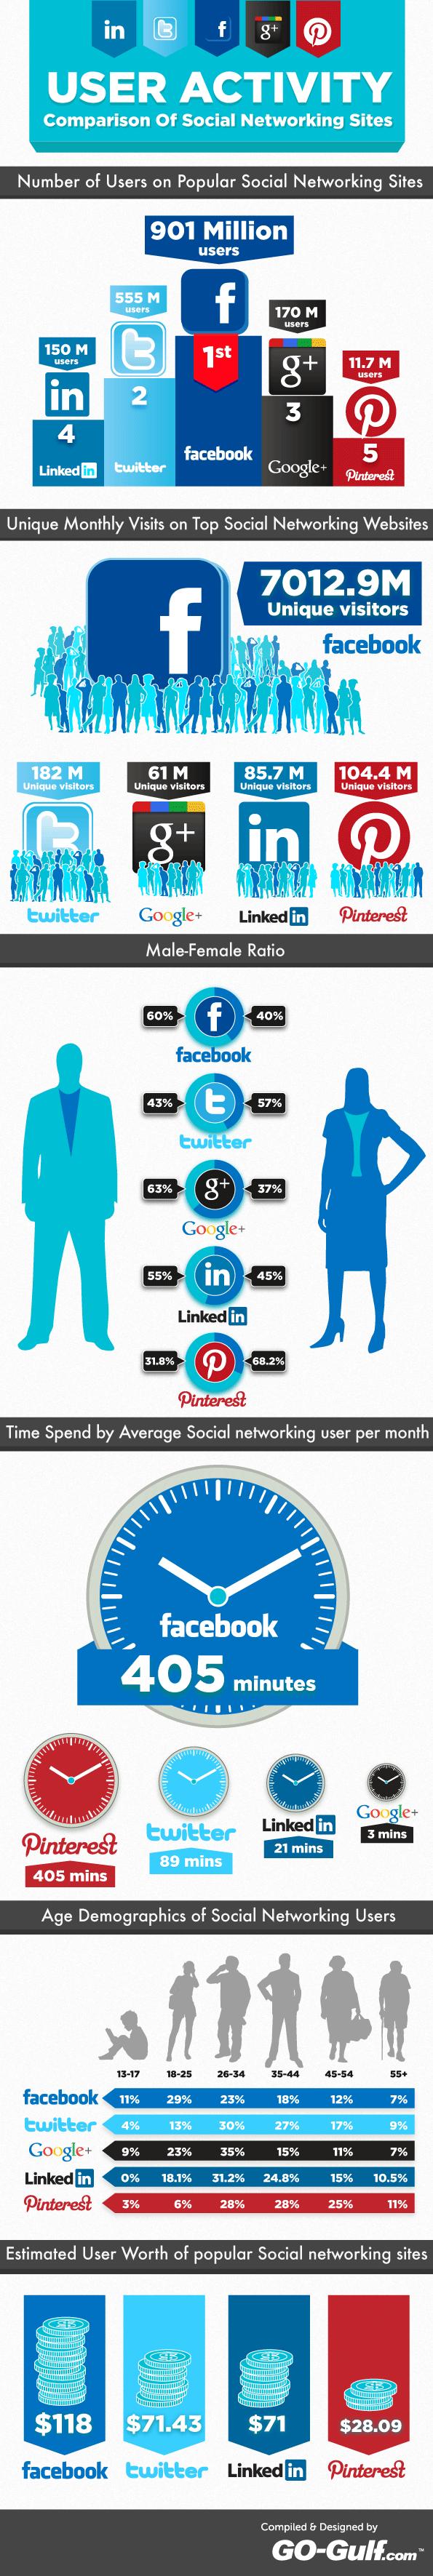 페이스북, 트위터, 구플, 링크드인, 핀터레스트 등 5대 SNS 사이트 비교한 인포그래픽.